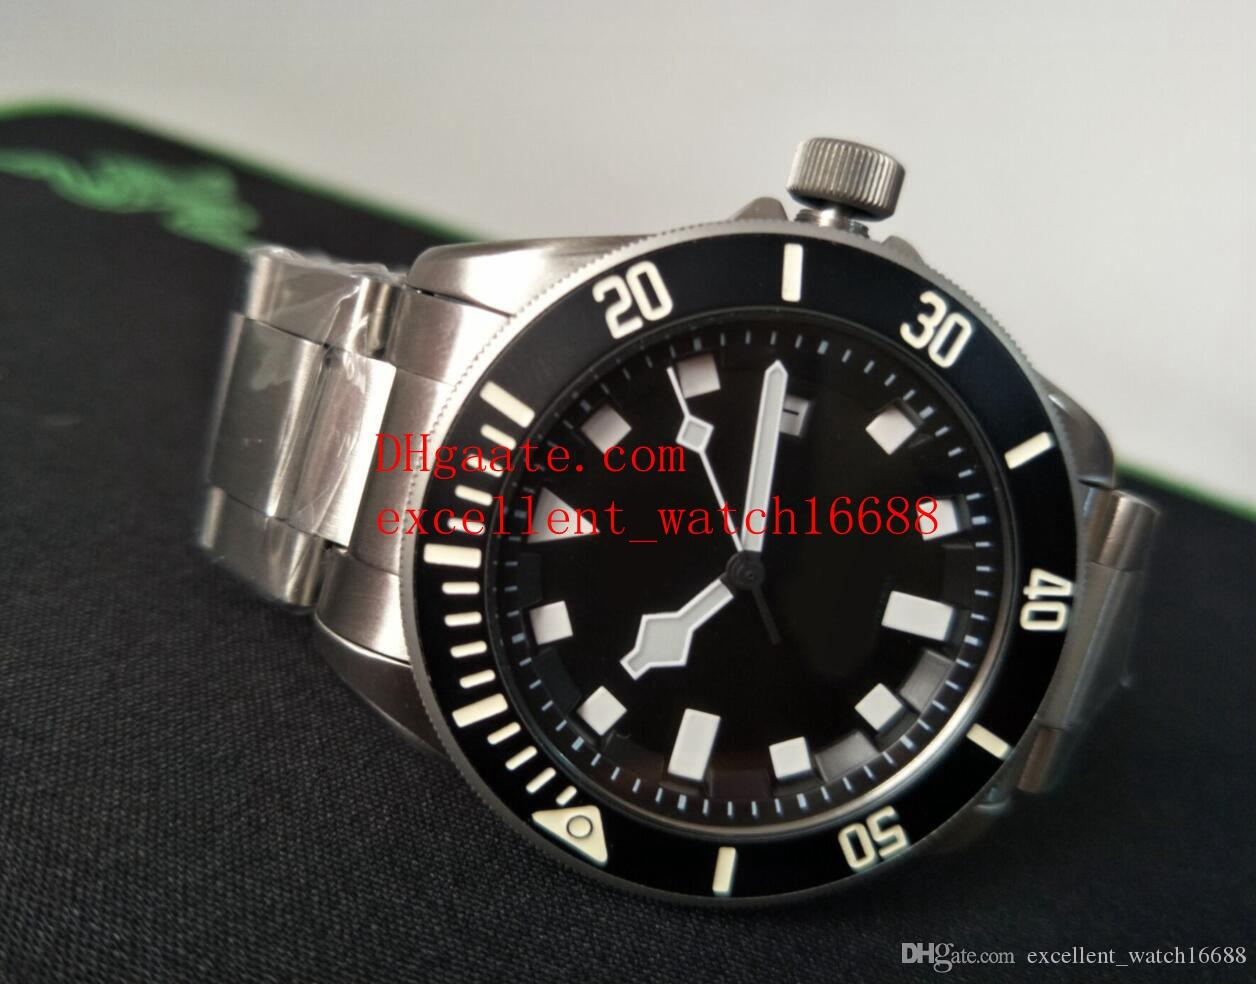 b0d1f864ae4c Compre Envío Gratis Moda Marca De Lujo Relojes 42 Mm 25600 De Acero  Inoxidable Cristal De Zafiro Negro Dial Automático Mechanicalexcellent Reloj  De Los ...